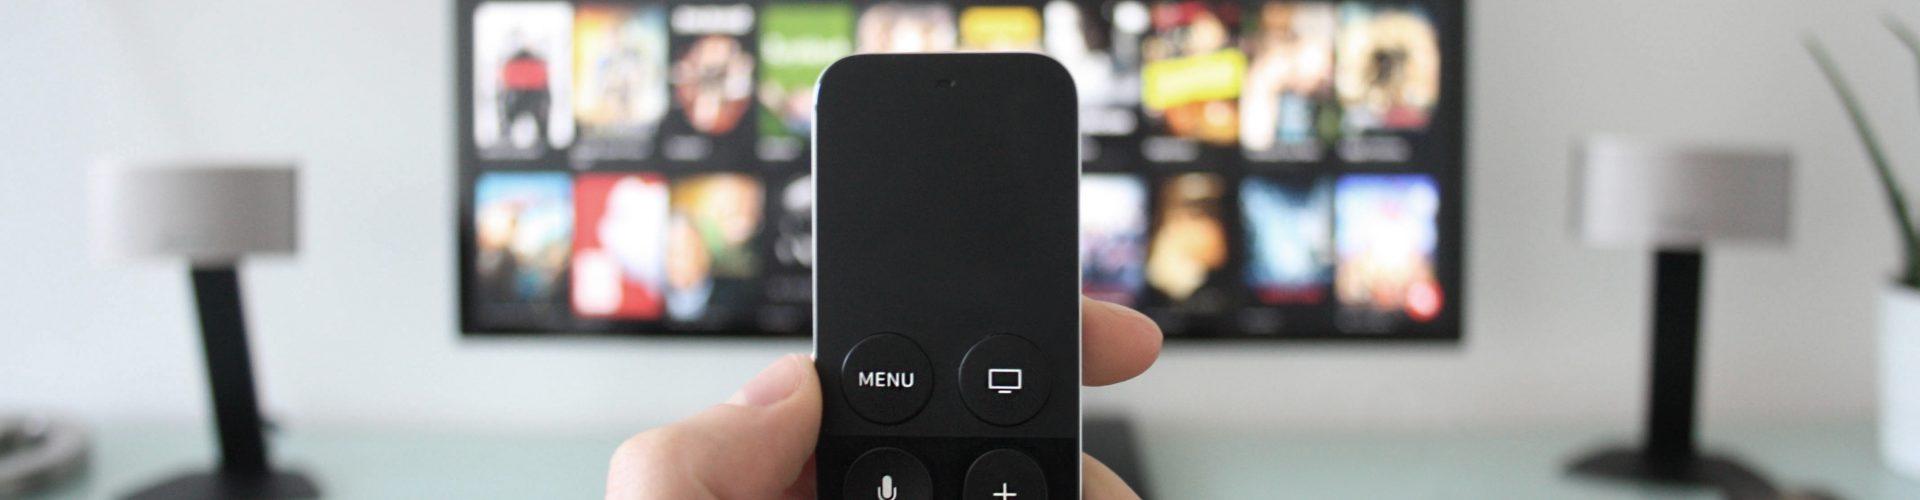 Canone Tv: la Gran Bretagna sta per rivedere soglia esenzione per over 75